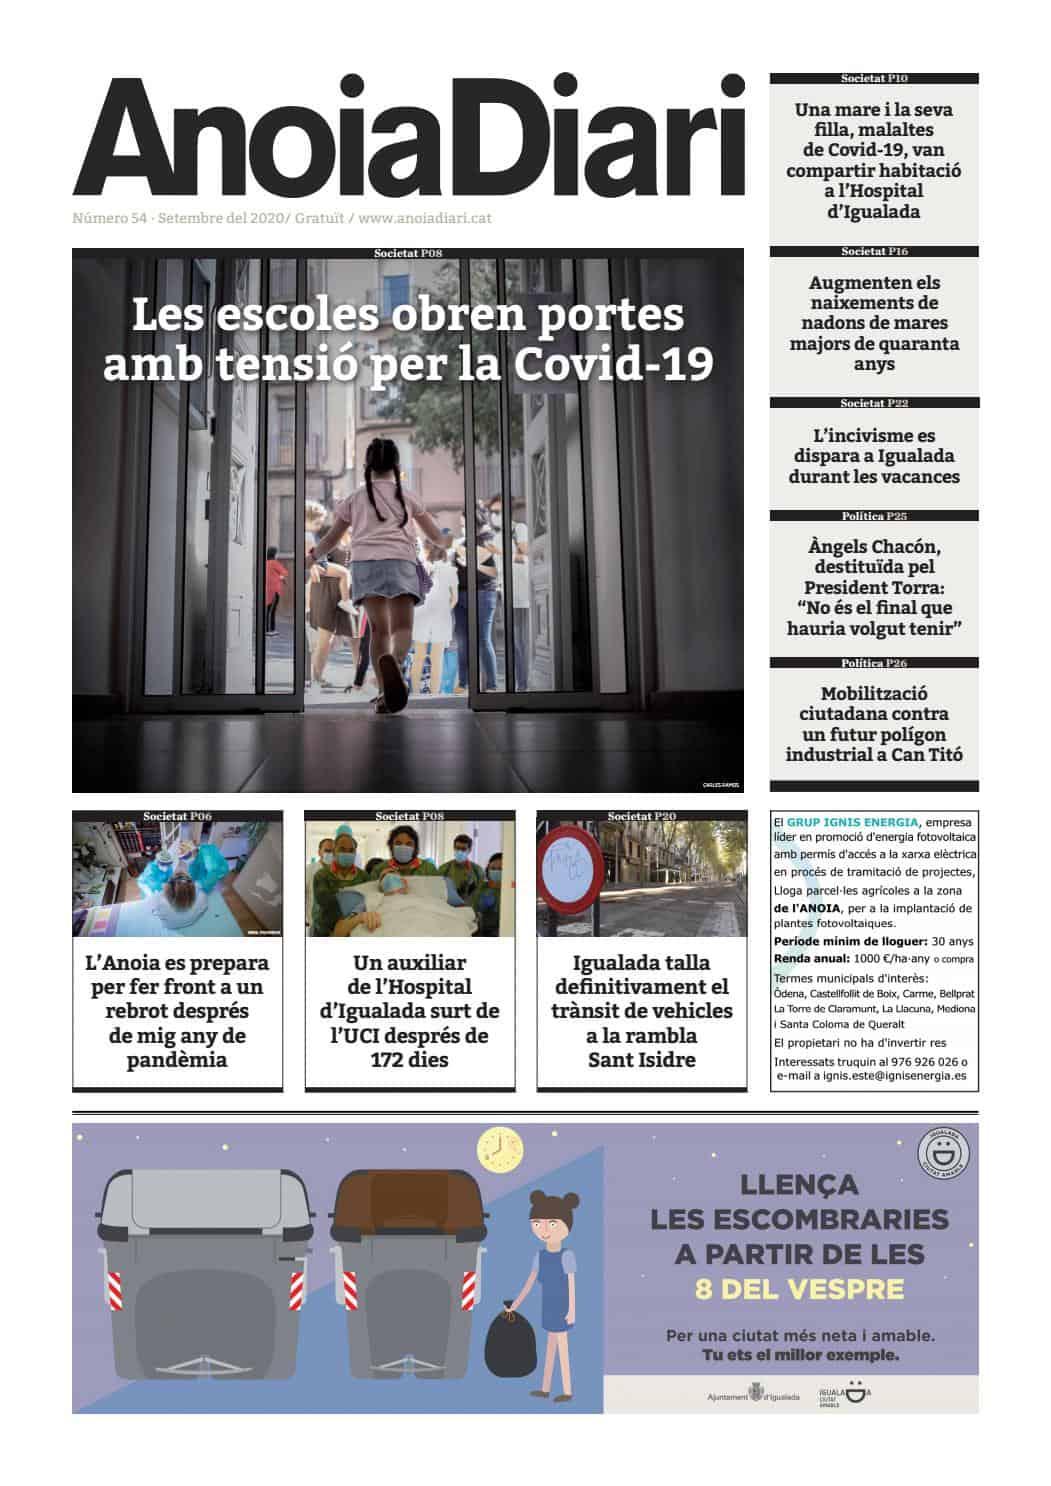 200912 - Anoiadiari - 0de3 - Les escoles obren portes amb tensió per la Covid-19